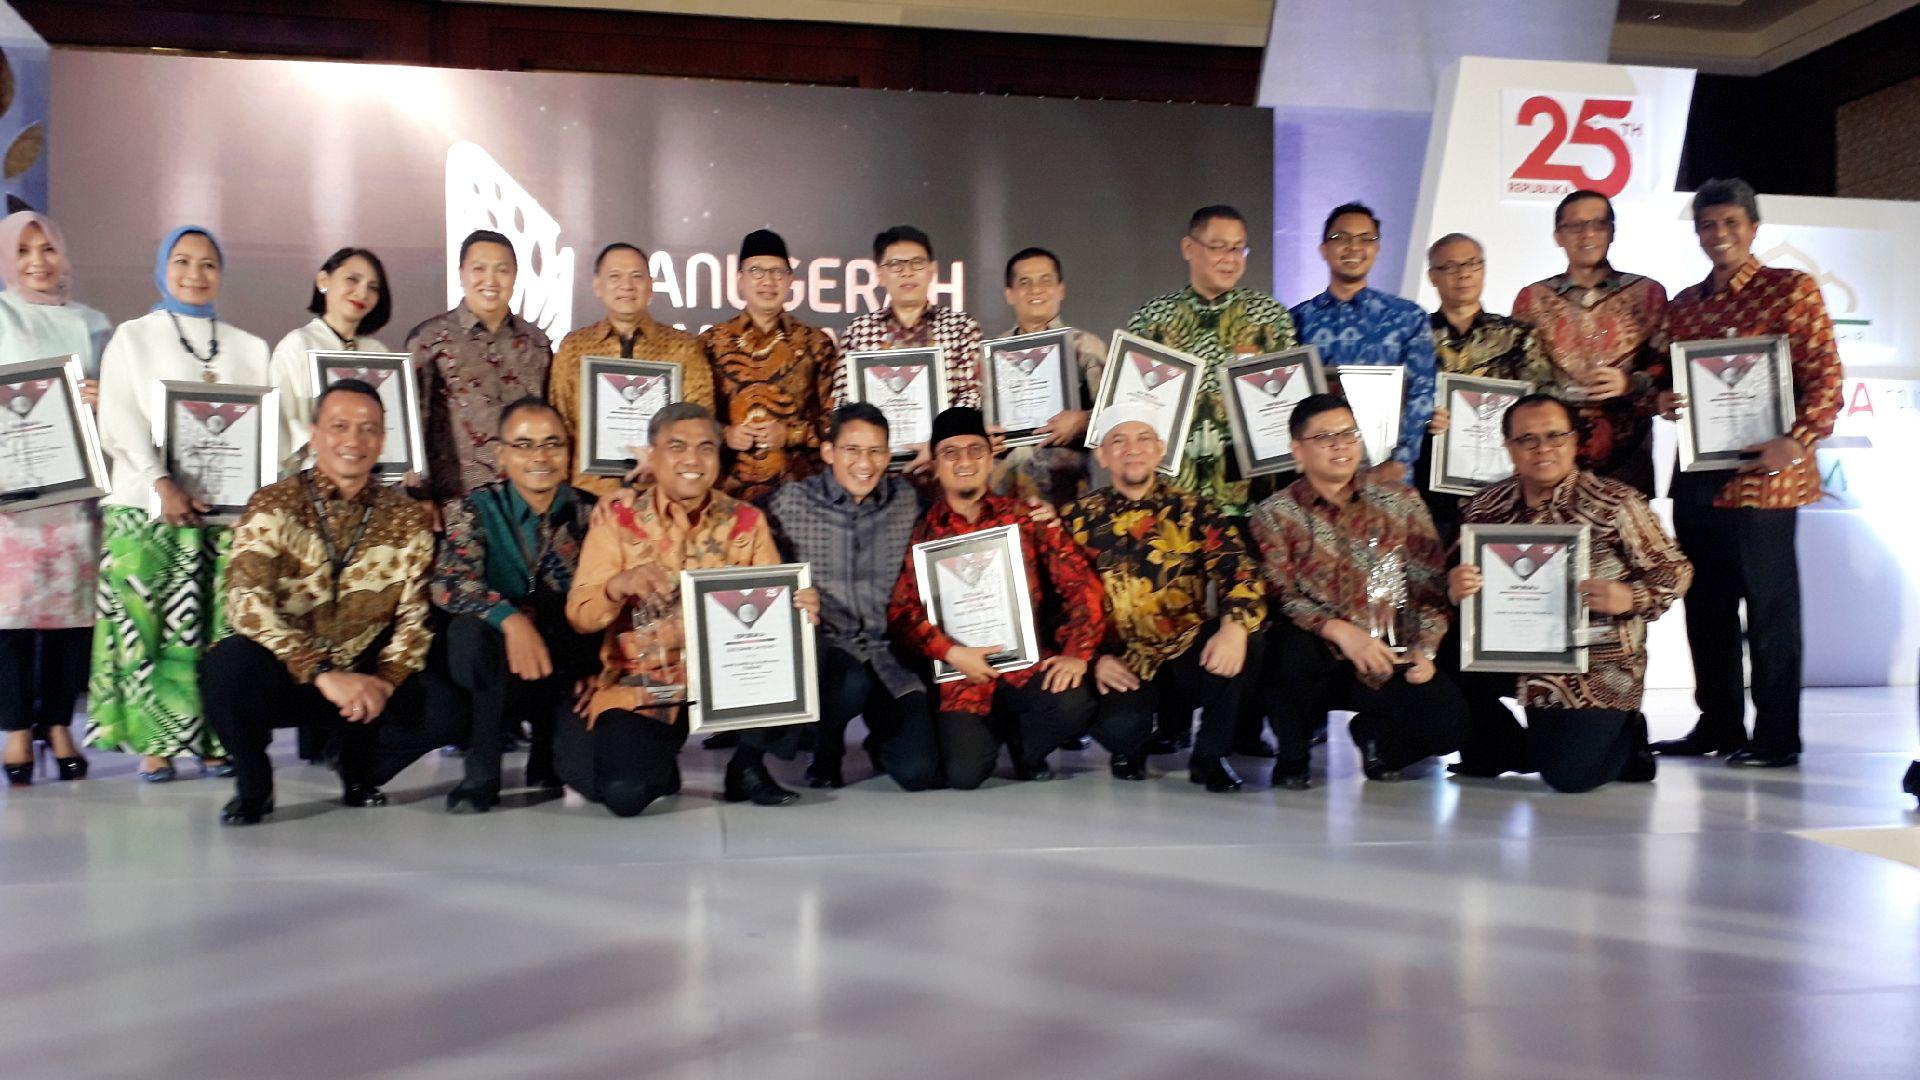 Direktur Kredit dan Syariah Bank Nagari, Hendri menerima penghargaa kategori Unit Usaha Syariah (UUS) dalam Anugerah Syariah Republika 2017 di Jakarta, Kamis (7/12/2017). Foto : Istimewa